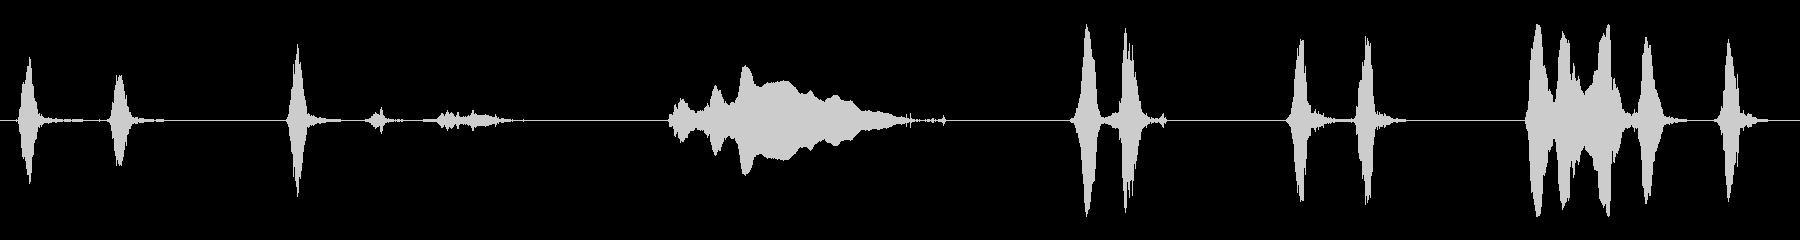 犬のkingえ声、短いハウルの未再生の波形